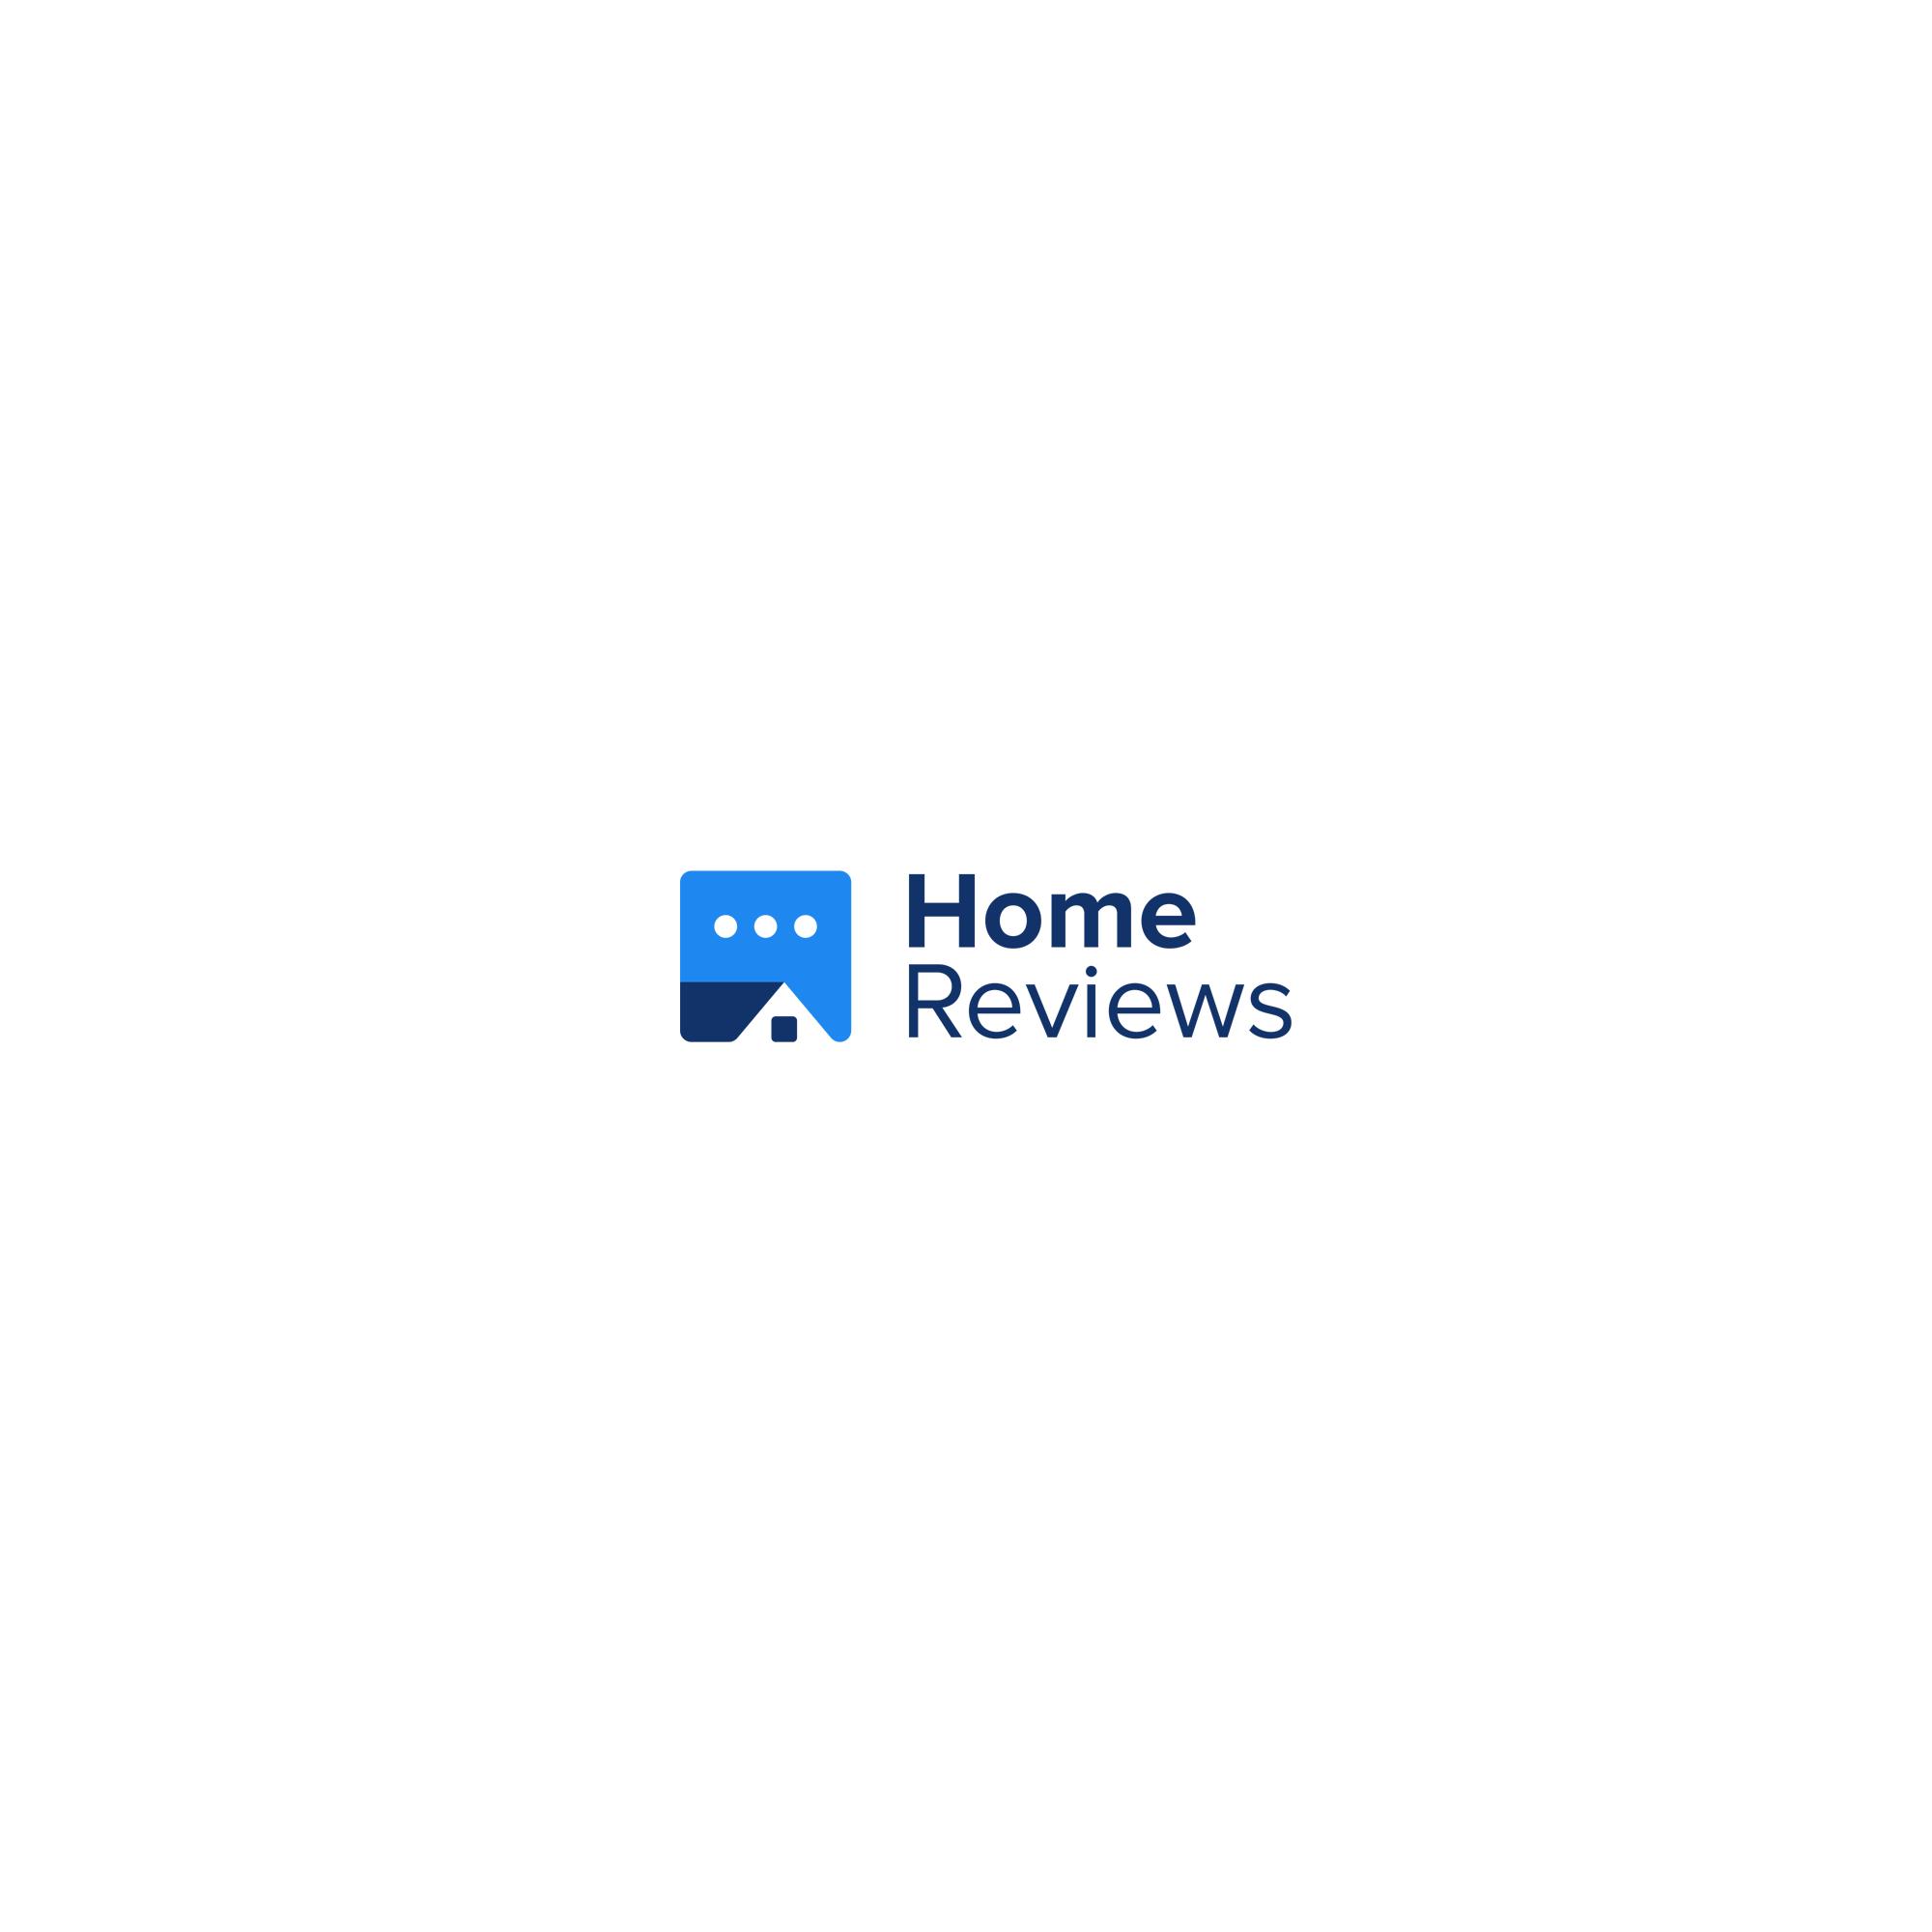 HomeReviews.com Needs a Home / Real Estate Logo